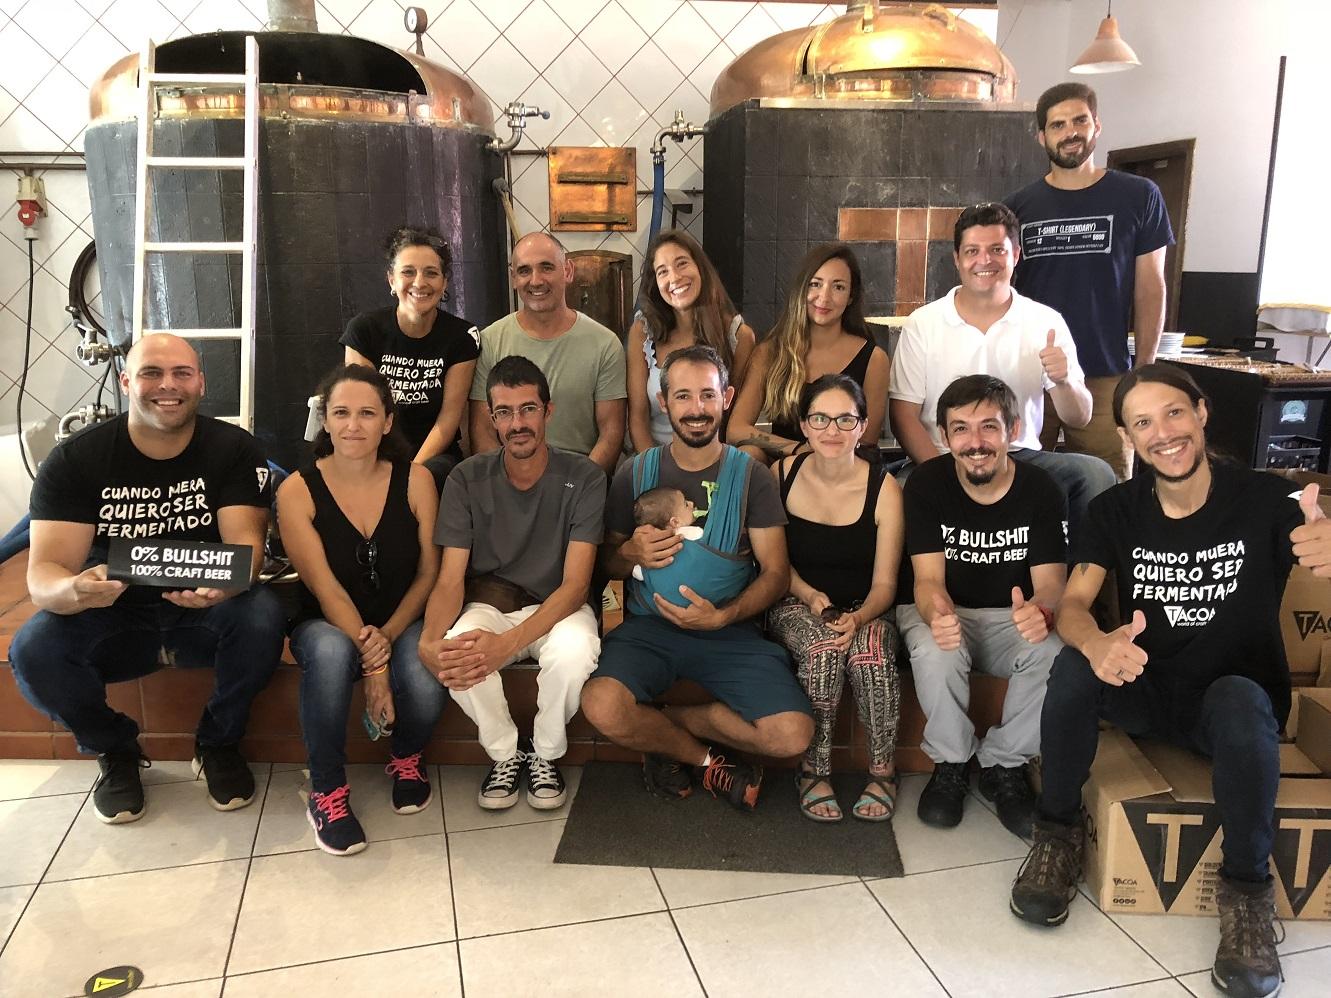 FOTO 2.- 7 ISLAS FAMILIA